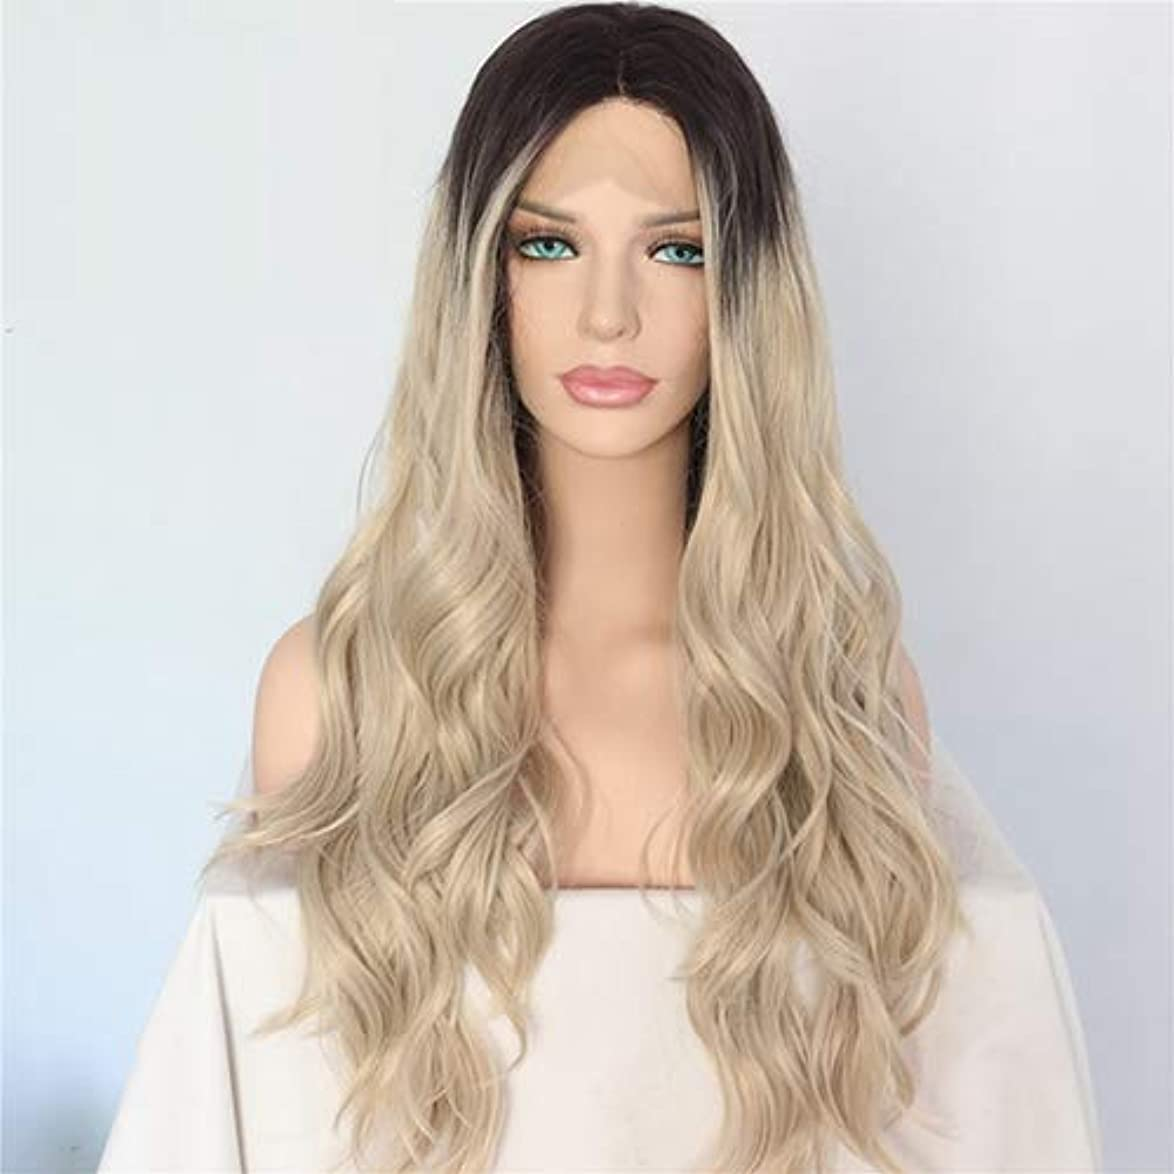 ドラマ診療所熟読美しく Lvcherylの合成レースフロントウィッグ女性ナチュラルウェーブオンブルブロンドブラウン髪のルーツウェディングヘアウィッグハンドタイド髪のかつらのために (Color : 820, Stretched Length : 26inches)